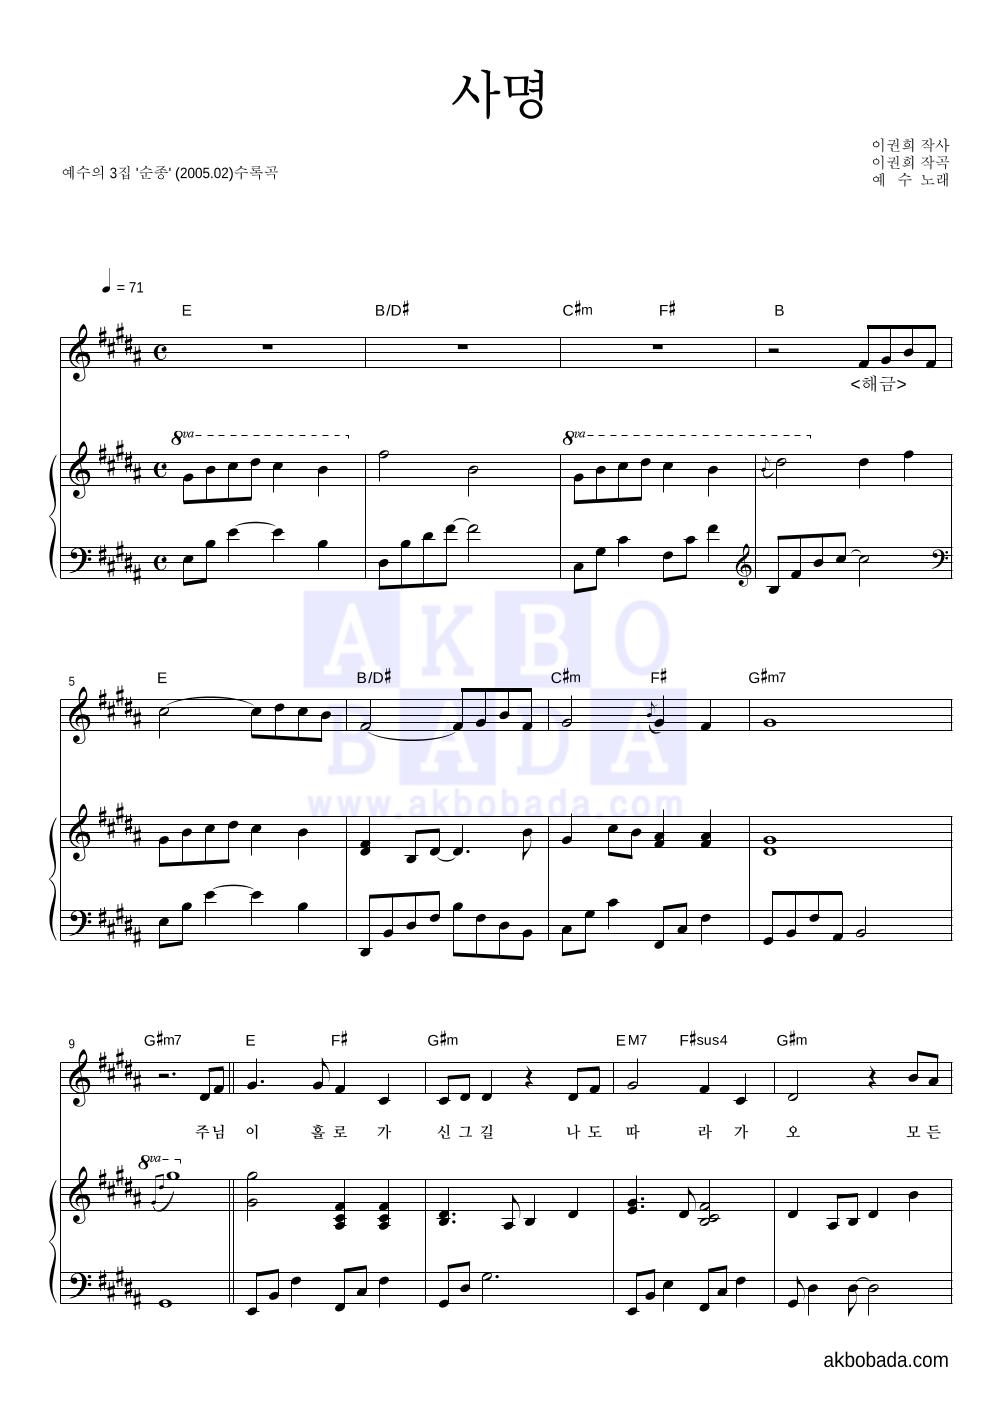 동방현주 - 사명 피아노 3단 악보